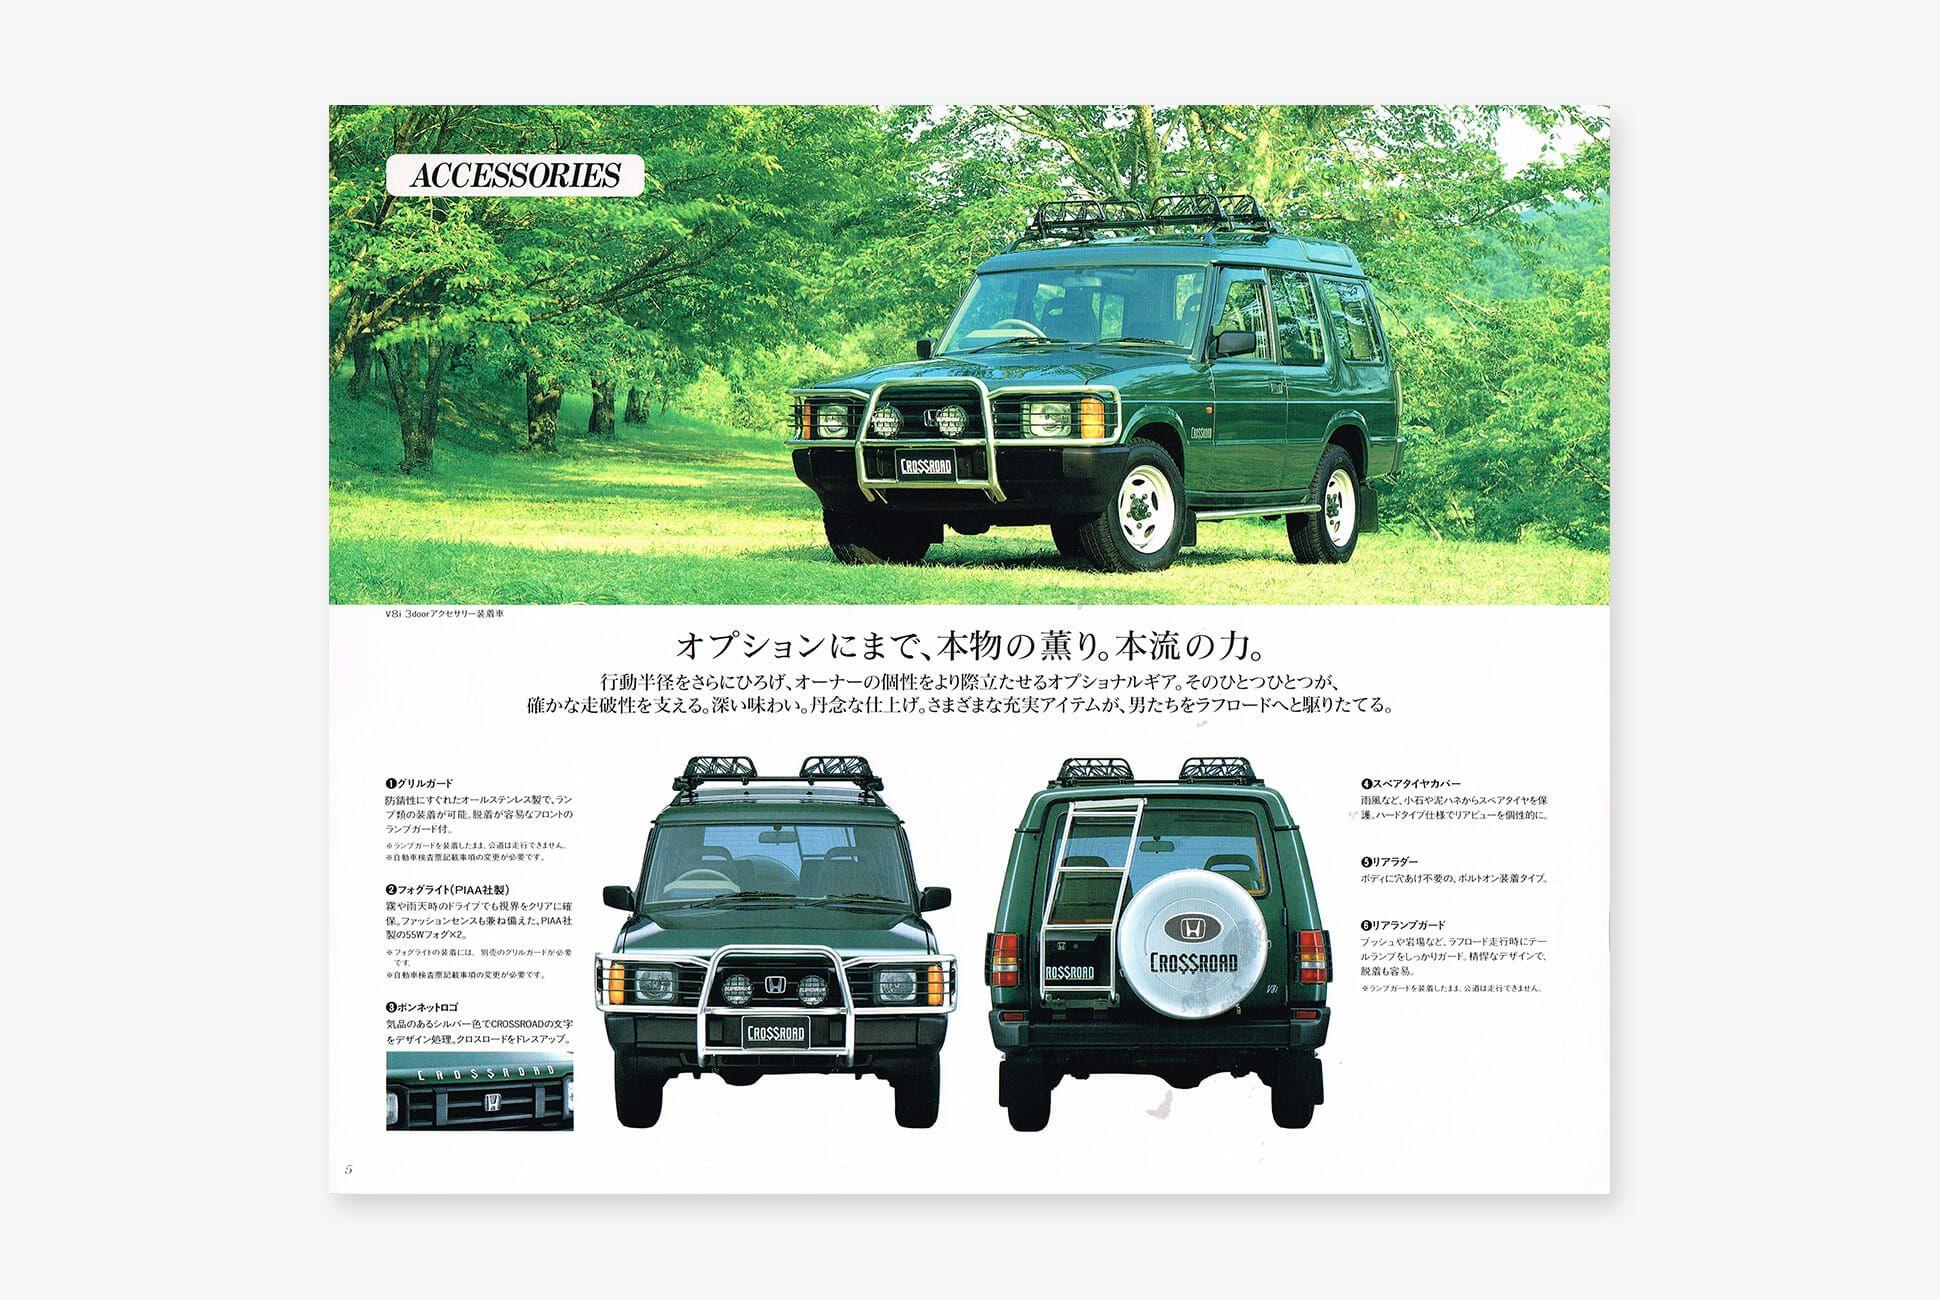 Honda-Crossroad-Land-Rover-gear-patrol-slide-7